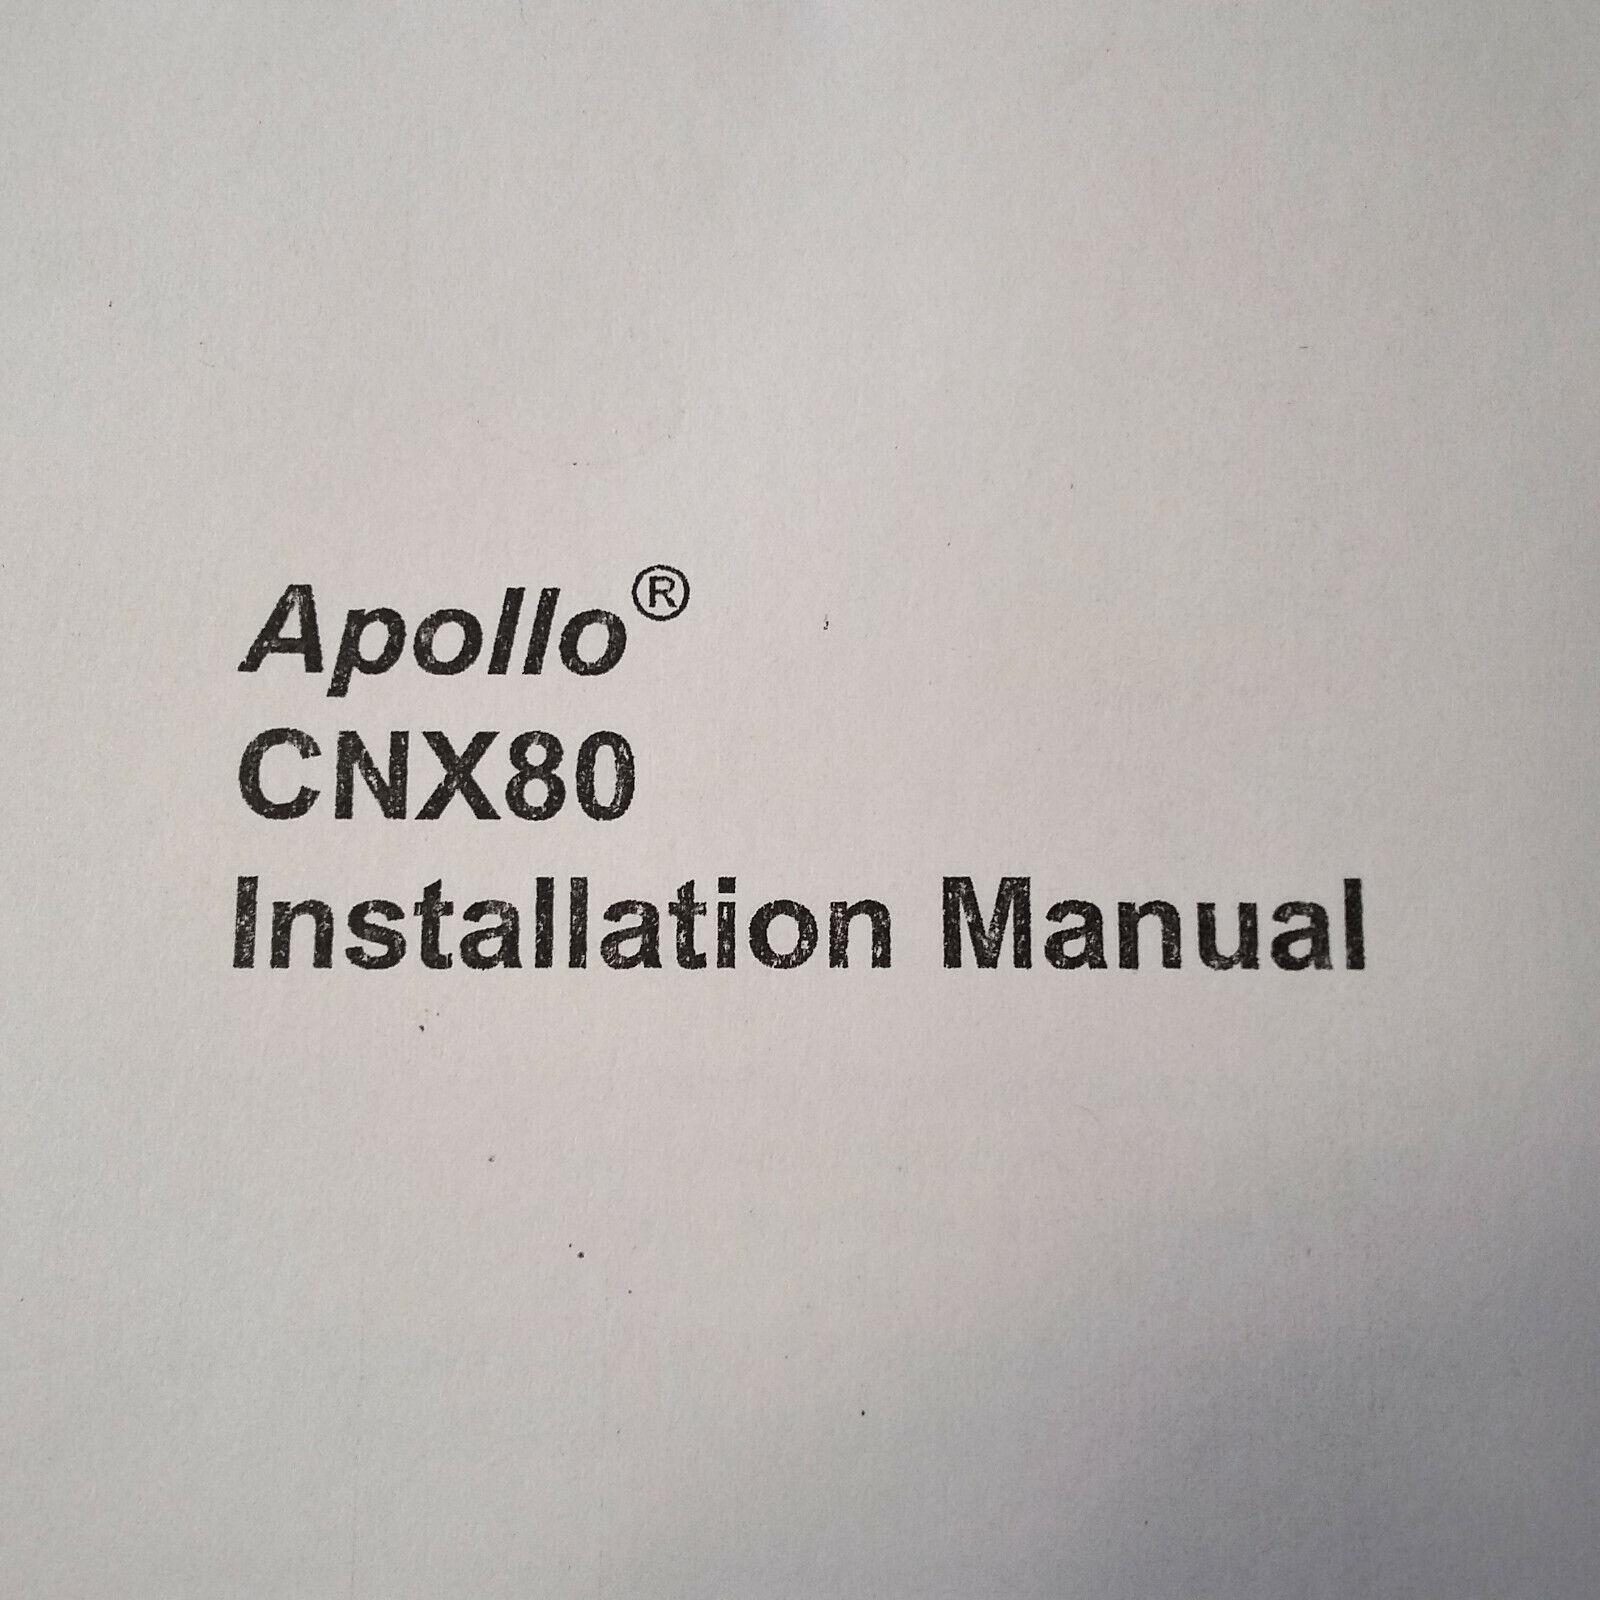 UPS Apollo CNX 80 Install Manual